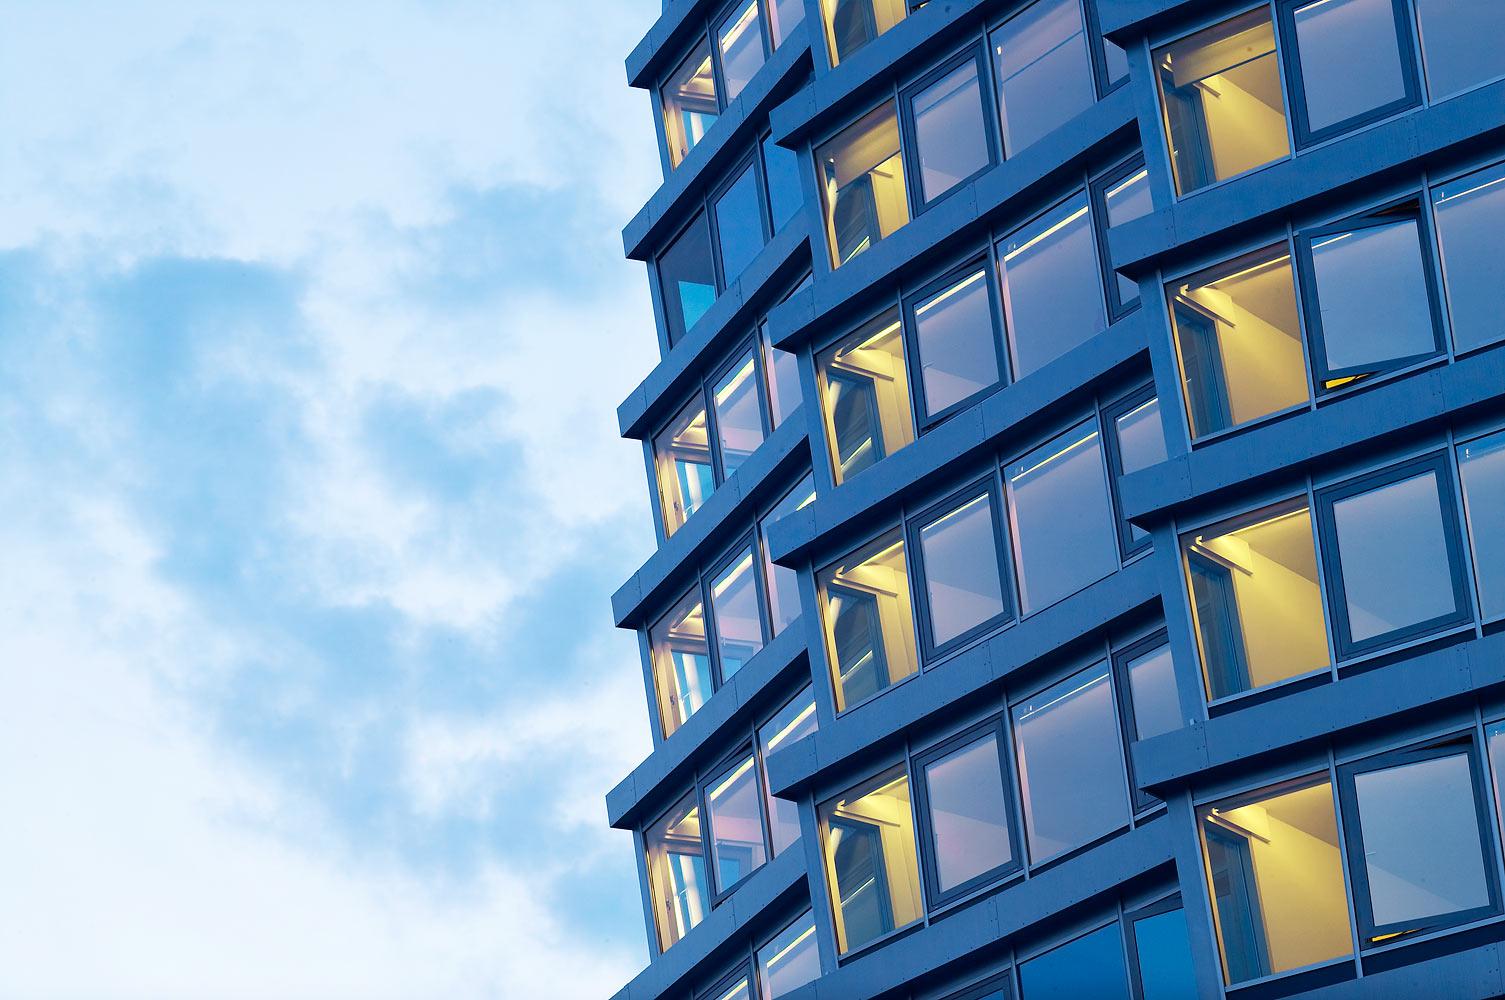 Architekturfotografie-Mirko Hertel Fotografie 15